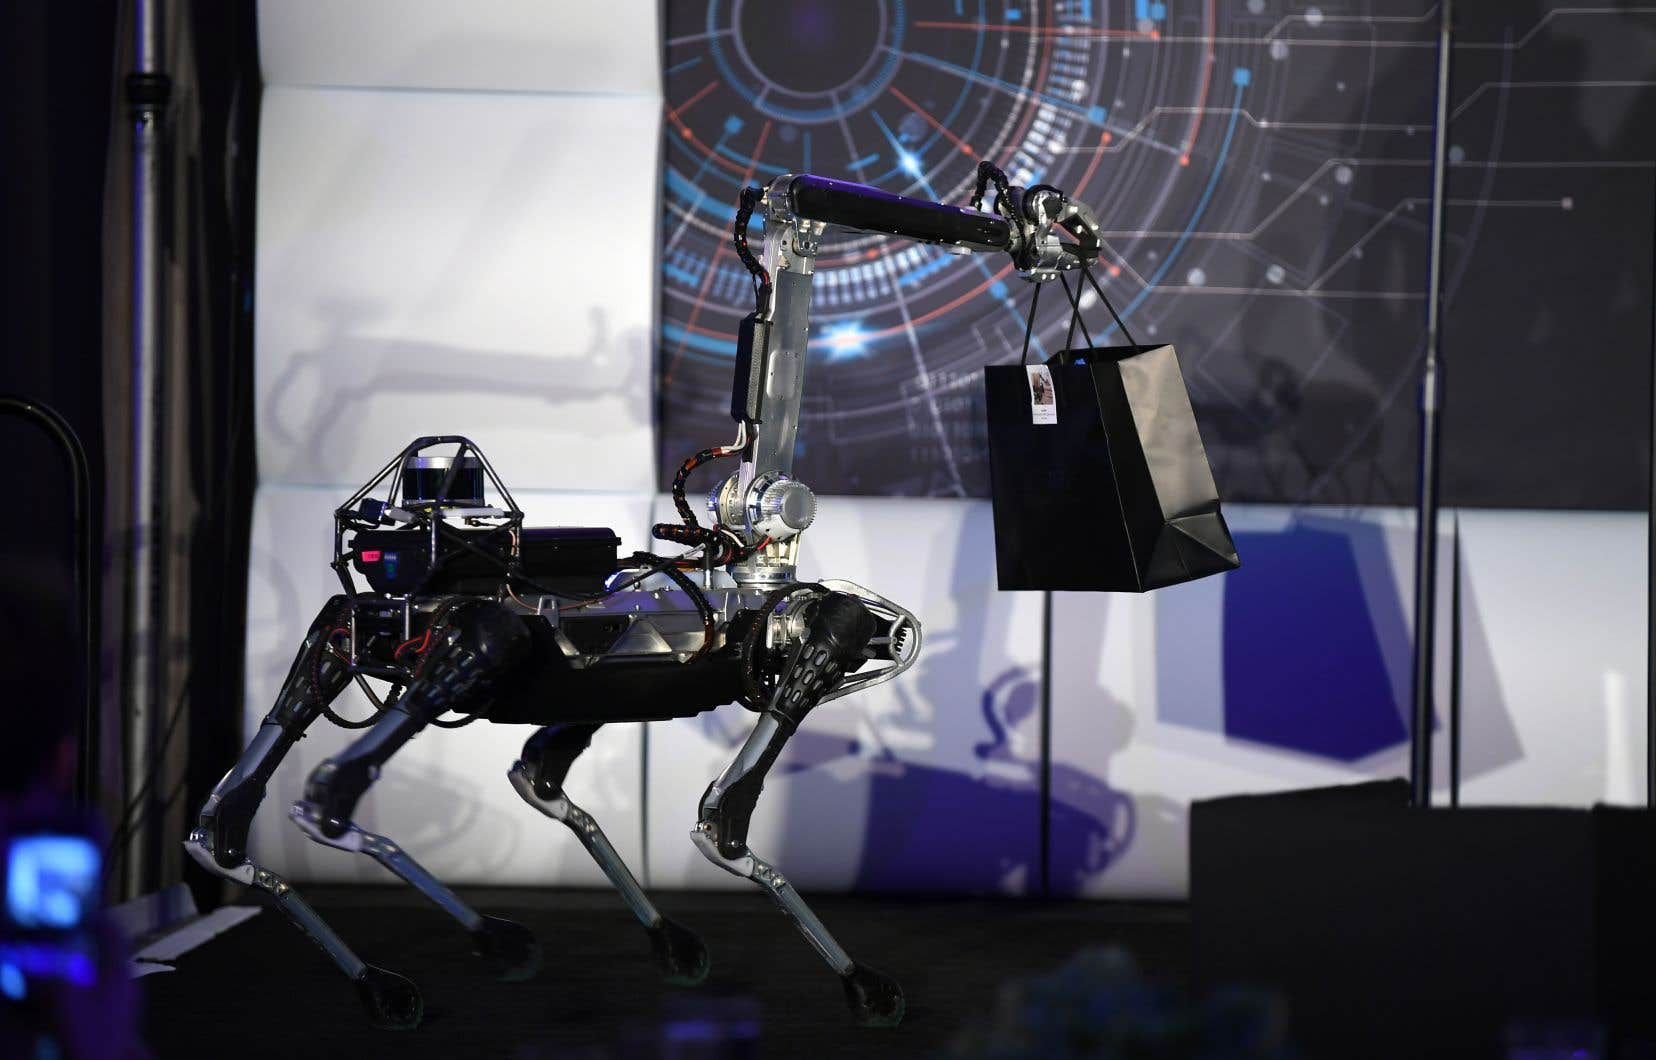 Cet aperçu d'un avenir qui serait bientôt peuplé de robots rapides, forts et parfois intimidants soulève plusieurs questions.